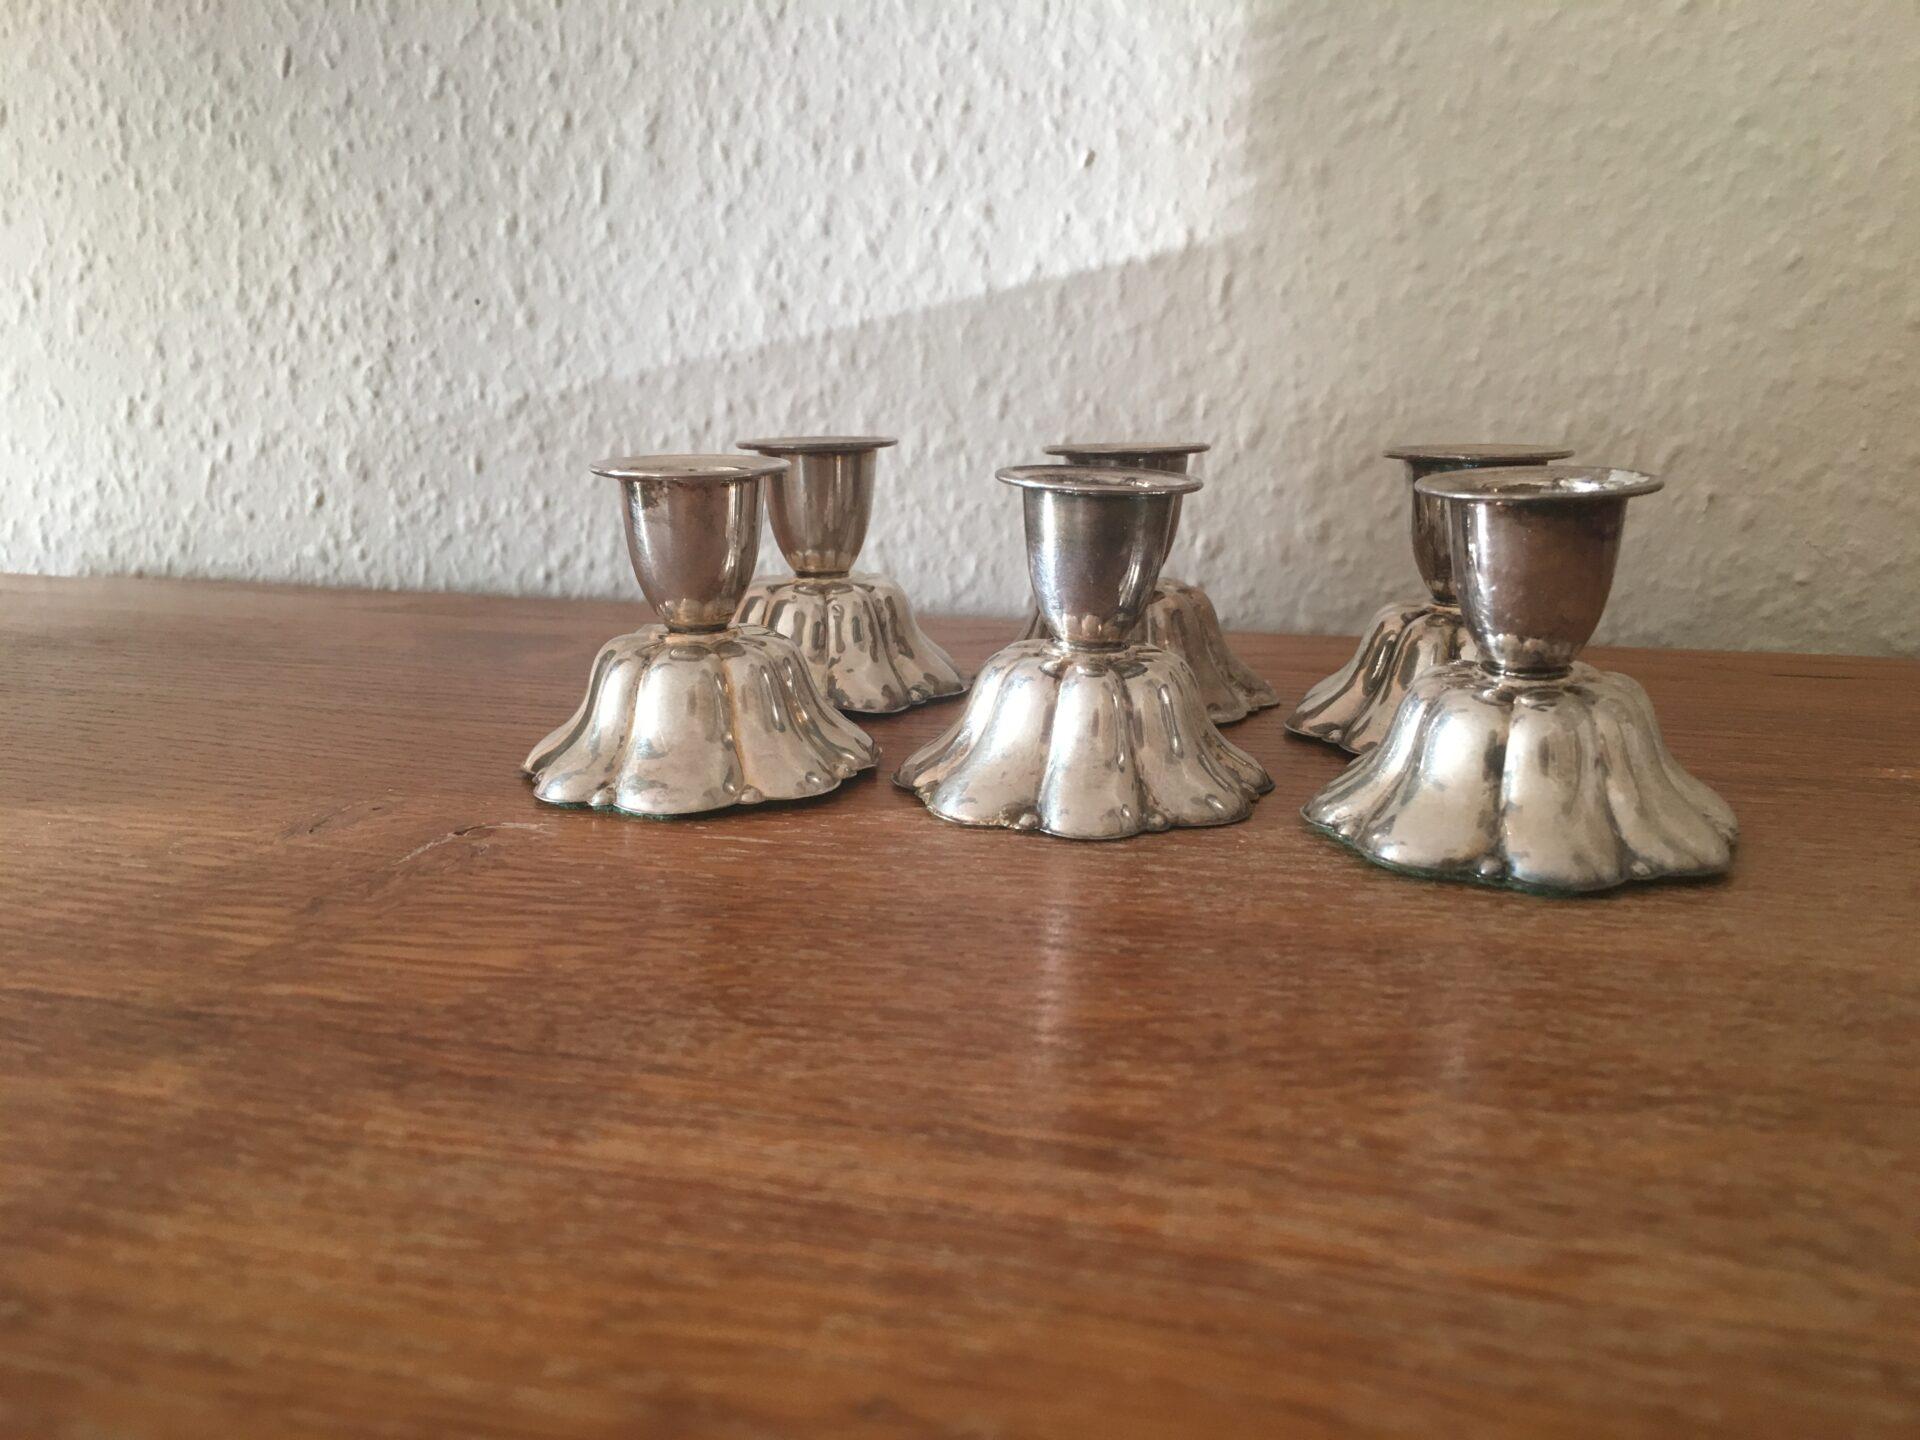 lysestager af Sterling sølv (925), h= 5 cm, pris pr. stk 200kr